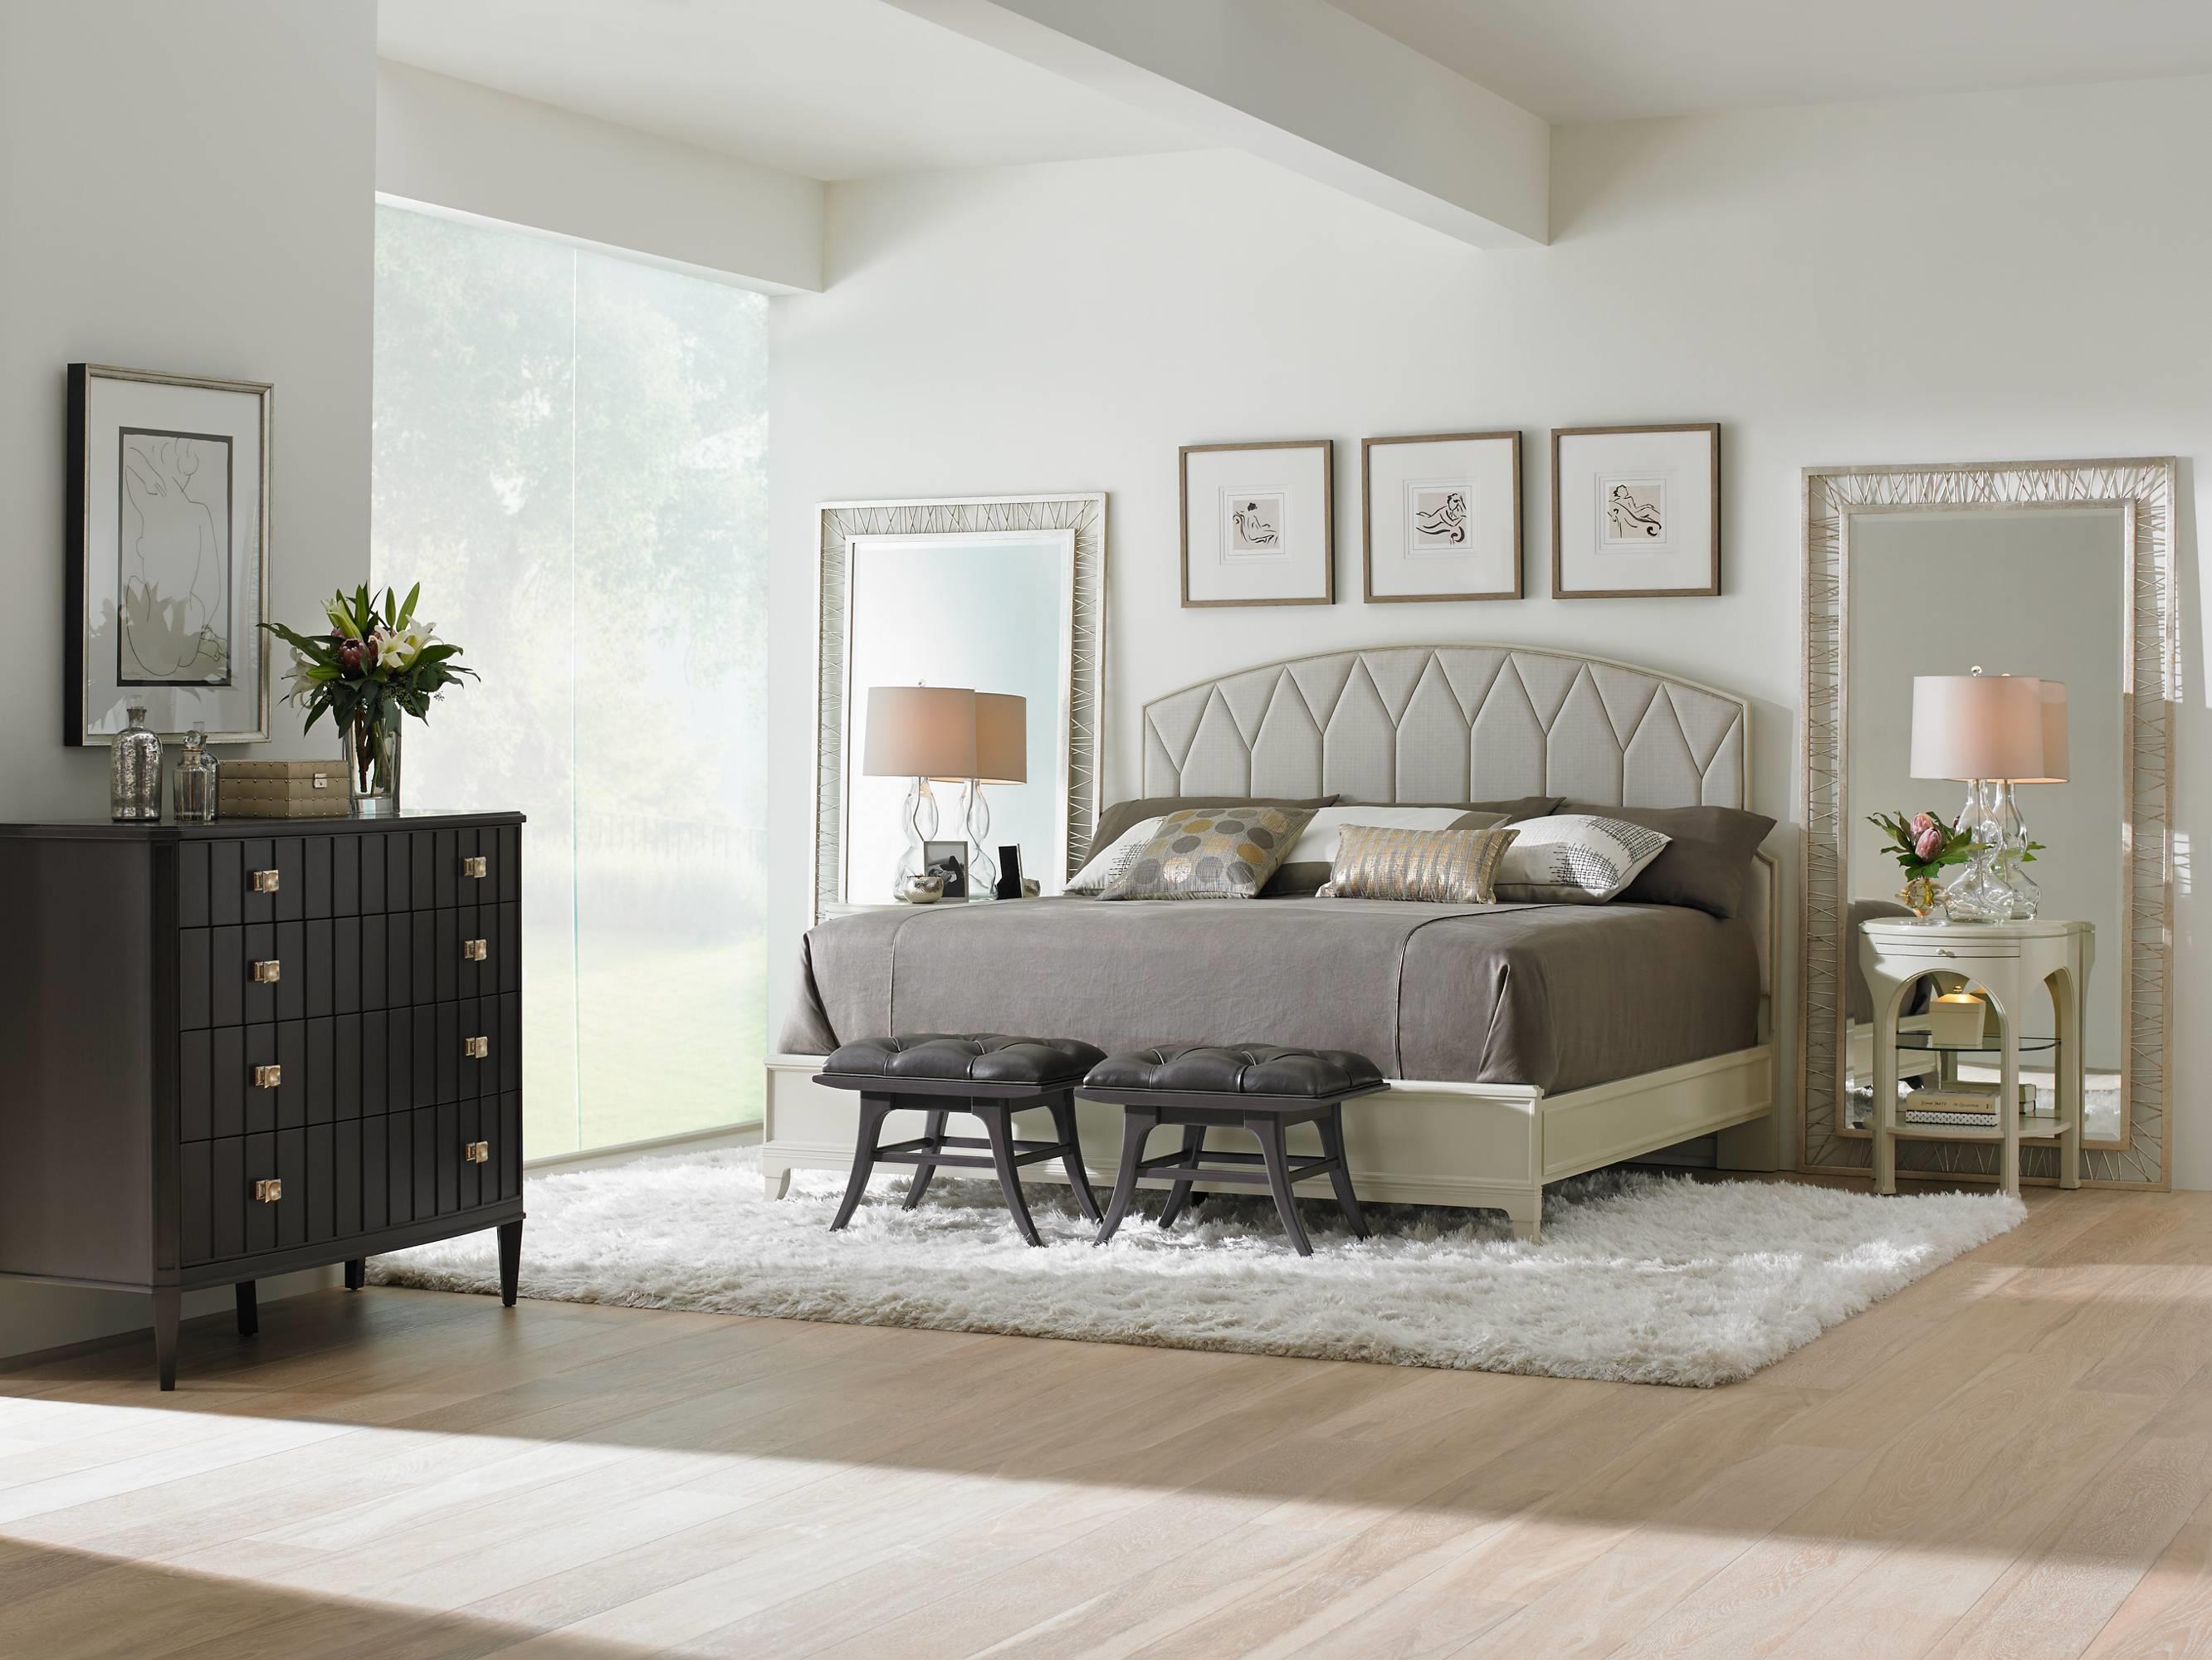 Stanley Furniture Crestaire Queen Bedroom Group - Item Number: 436-2 Q Bedroom Group 2